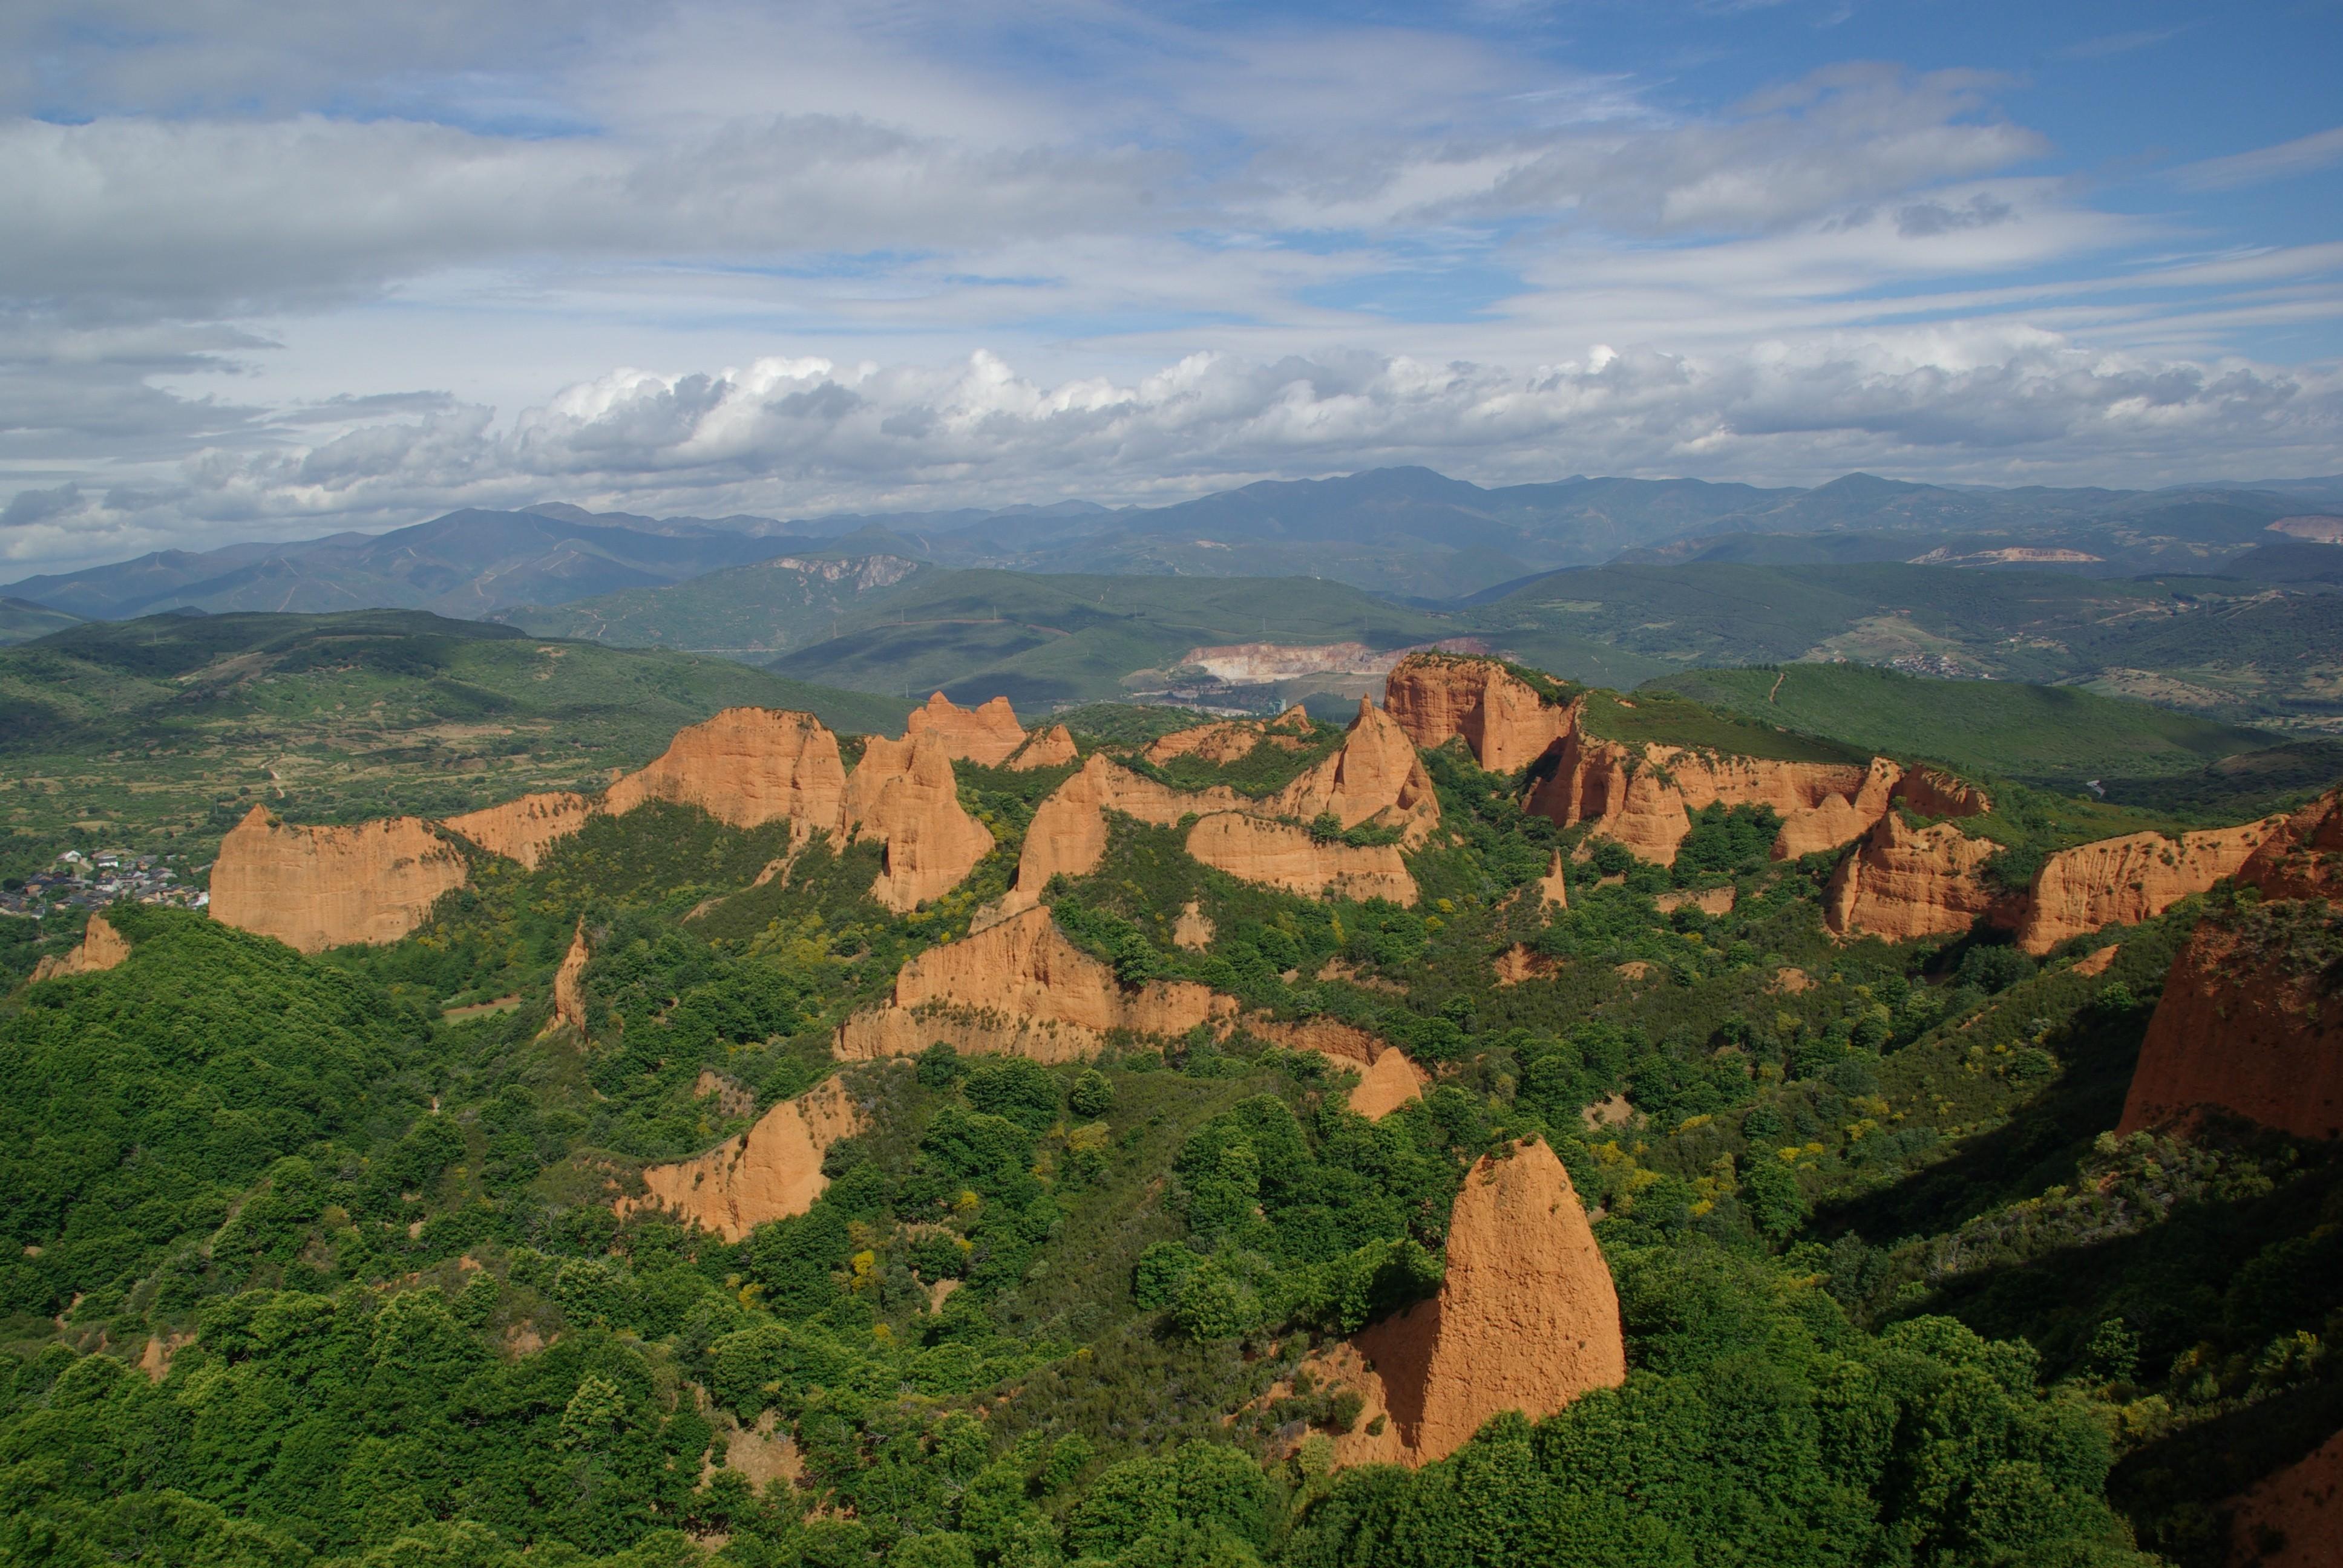 Provincia de Le³n la enciclopedia libre